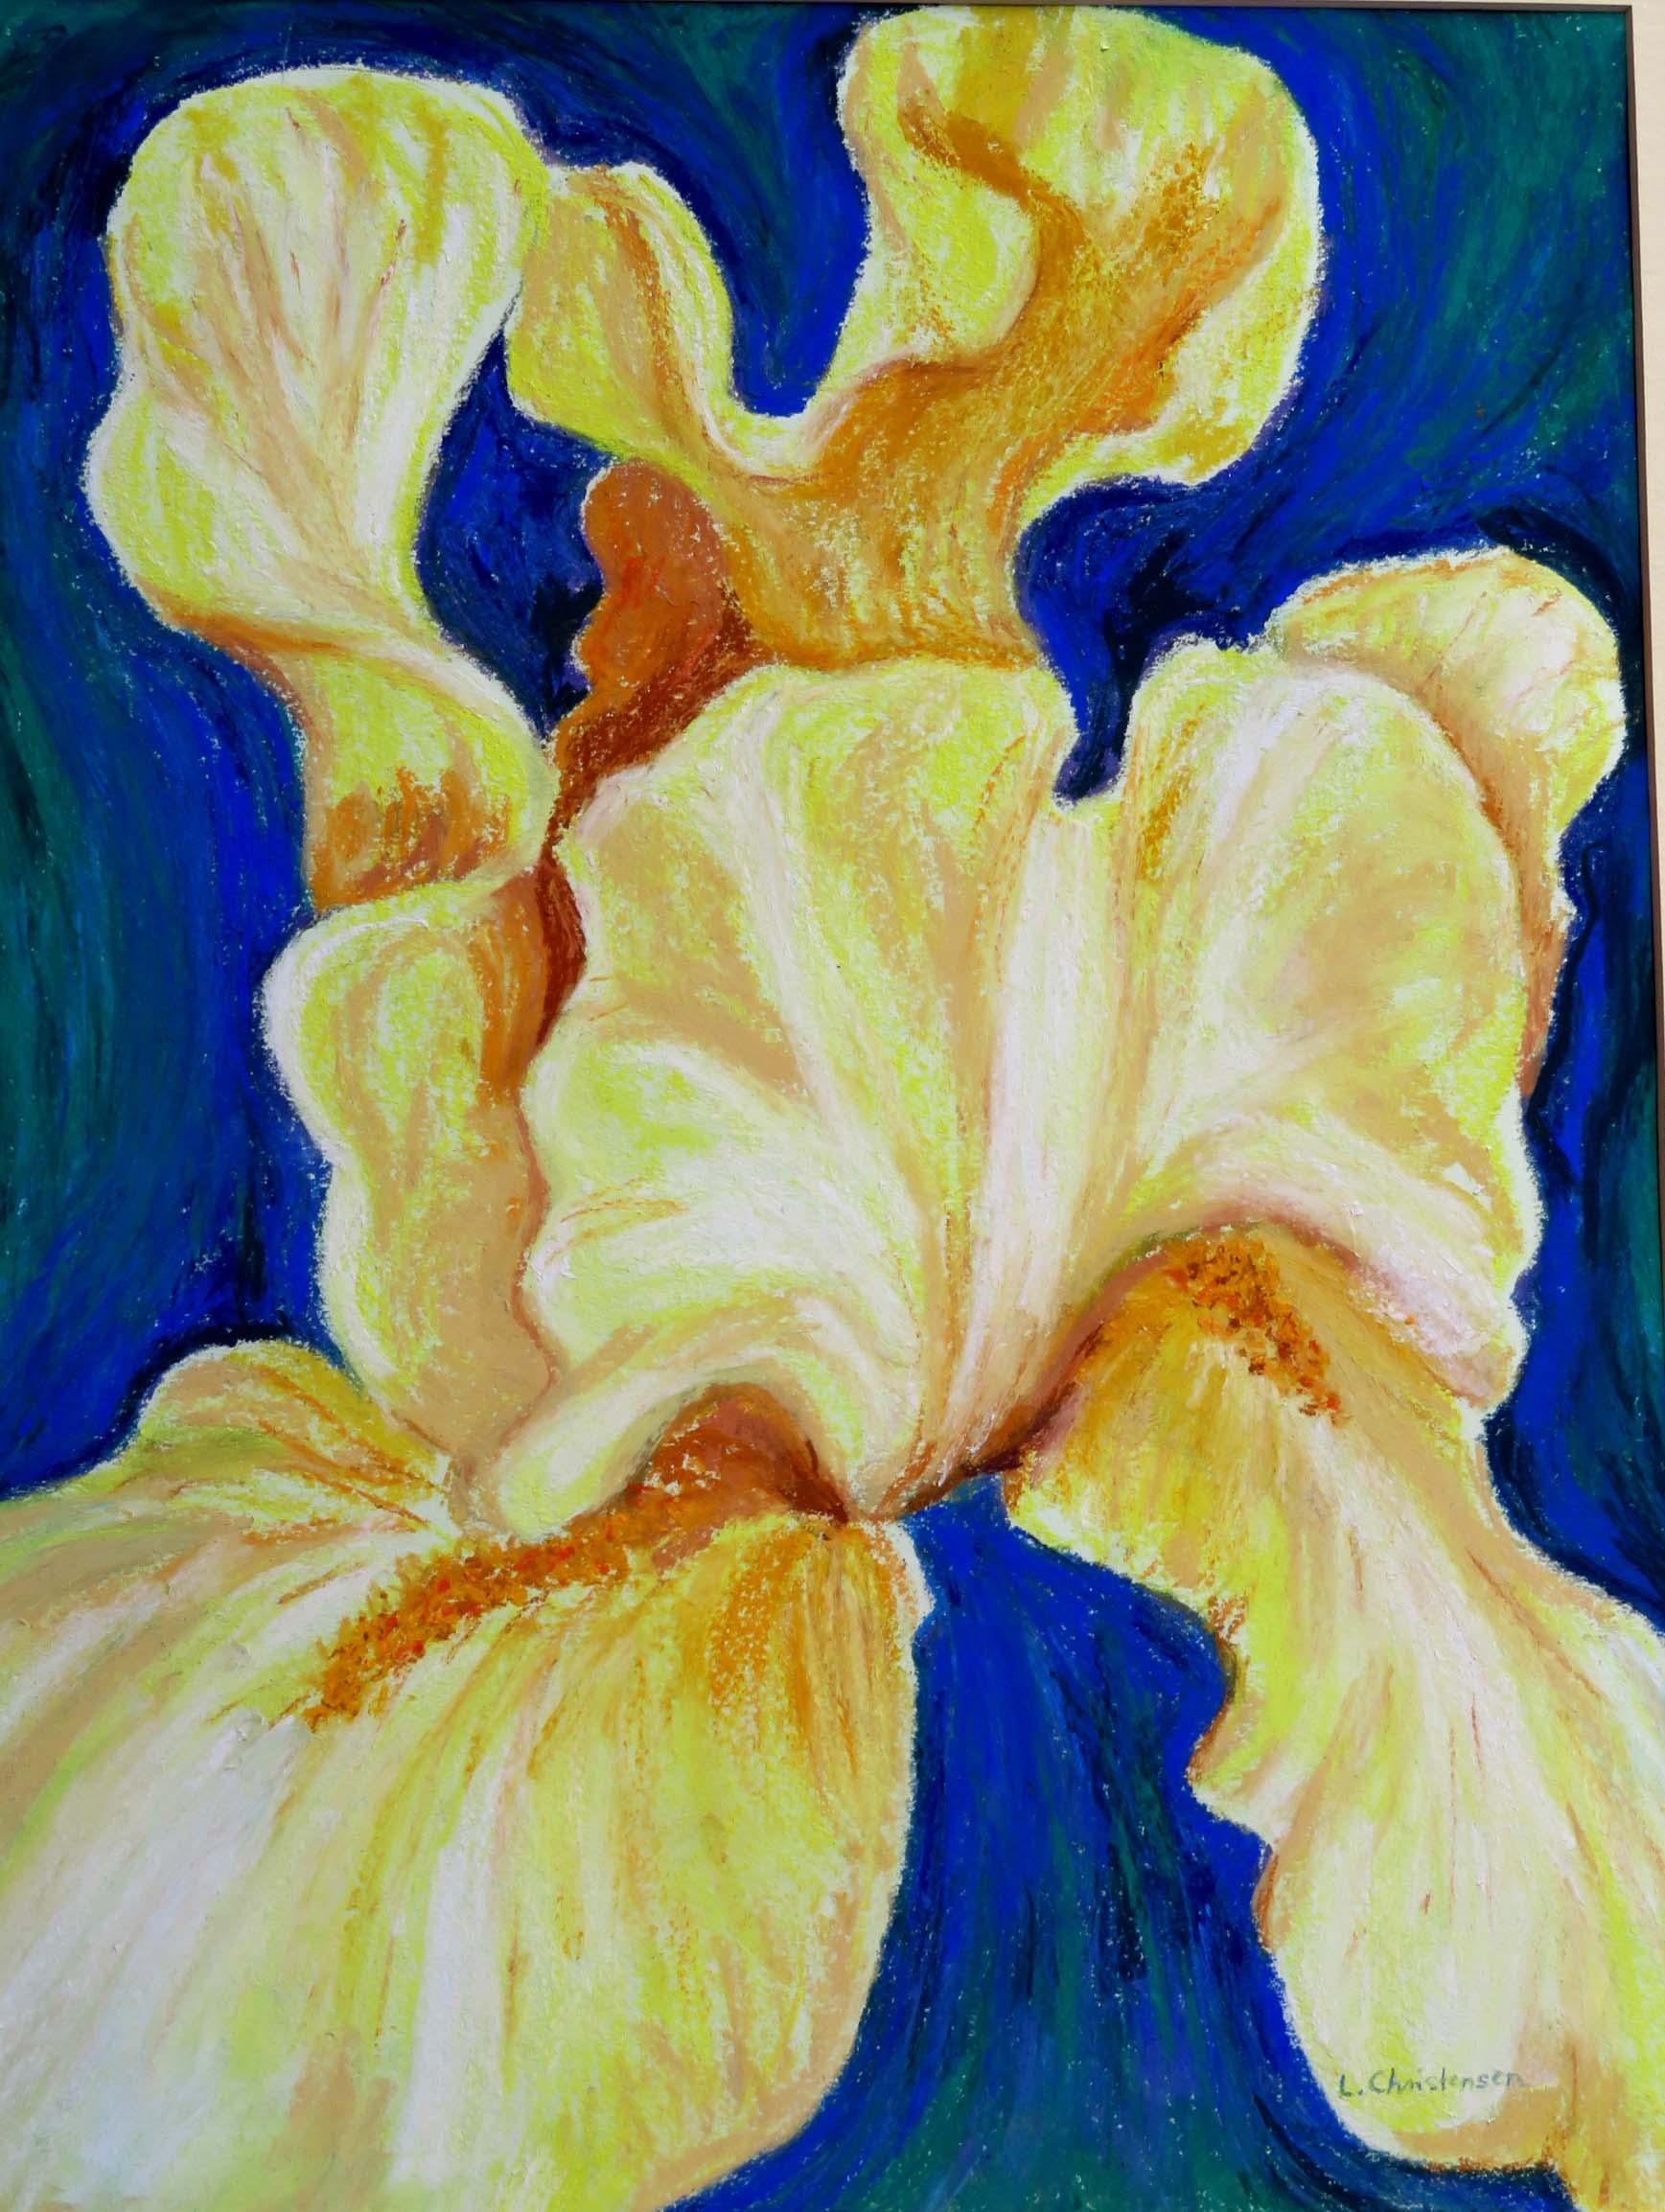 Undulating Butter, Yellow Iris  by   Libby J Christensen nfs